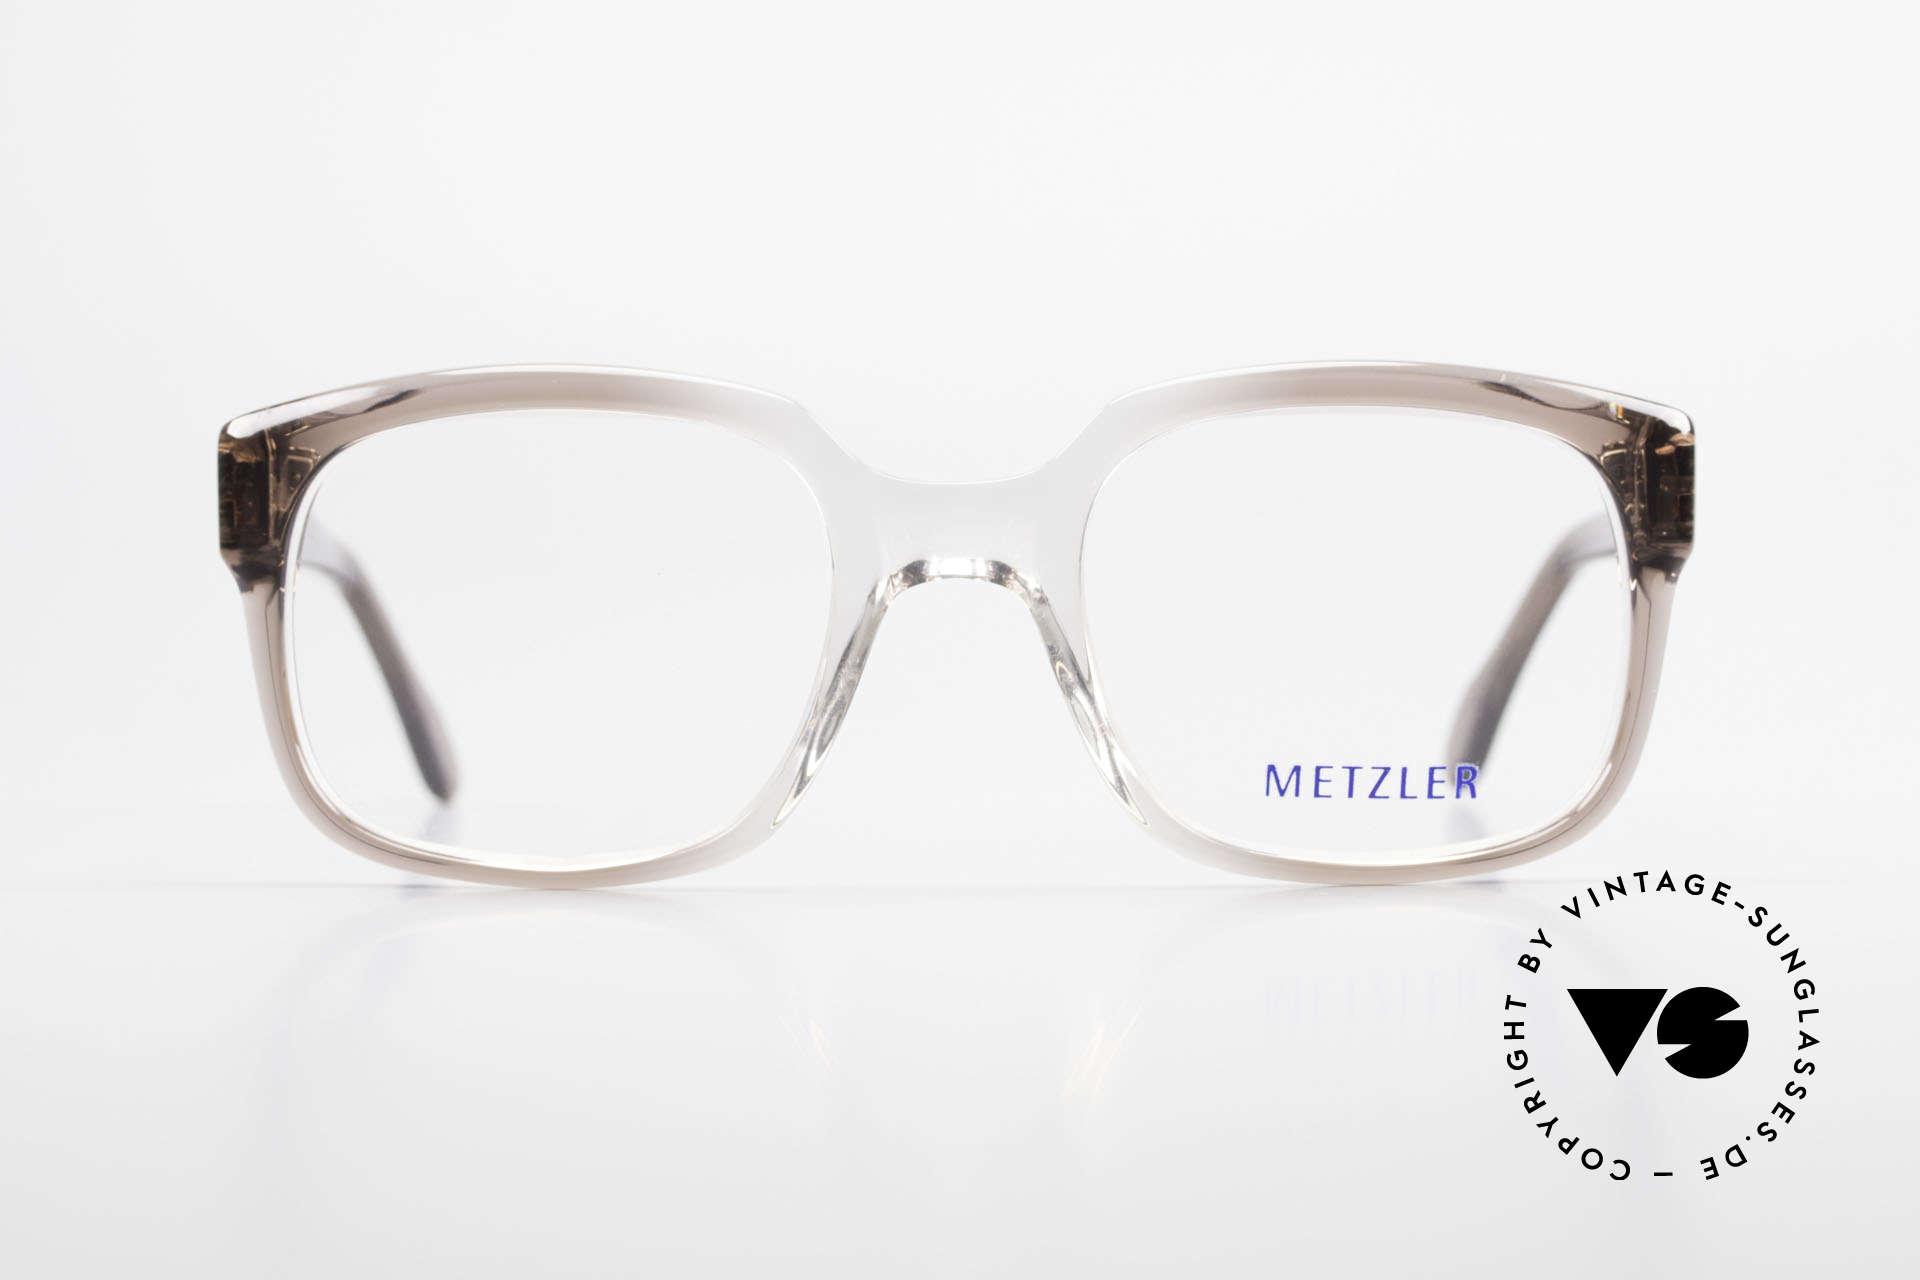 Metzler 7665 Medium Old School Brille 80er Jahre, ein altes Original der späten 80er / frühen 90er, Passend für Herren